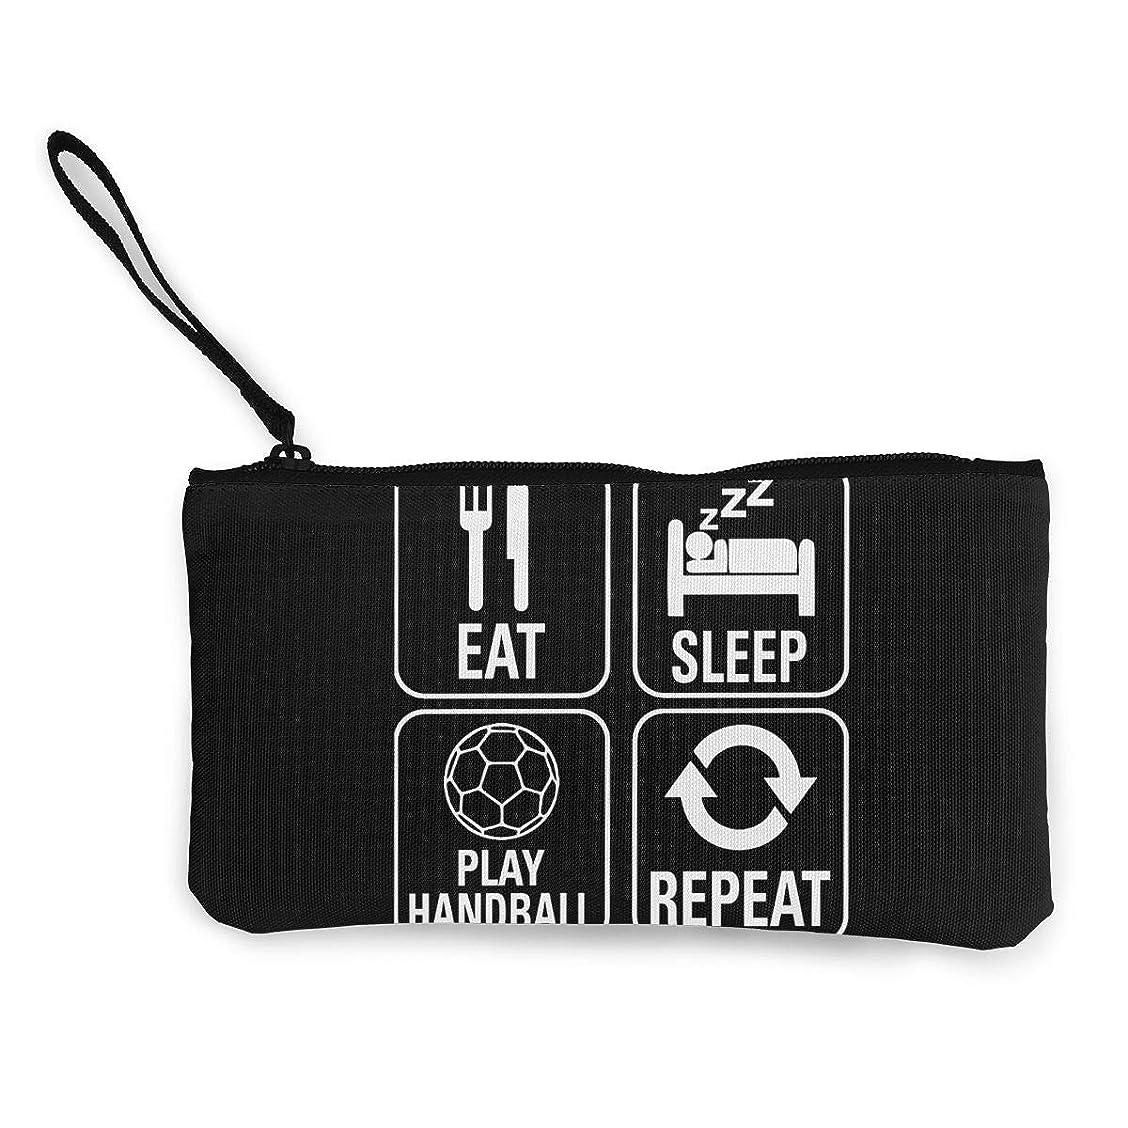 仲介者統治可能天文学Meixin 睡眠の演劇のハンドボールの繰り返しのライフスタイルのTシャツを食べて下さい 財布 長財布 ラウンドファスナー メンズ レディース ギフトボックス付き 小銭入れ 大容量 軽量